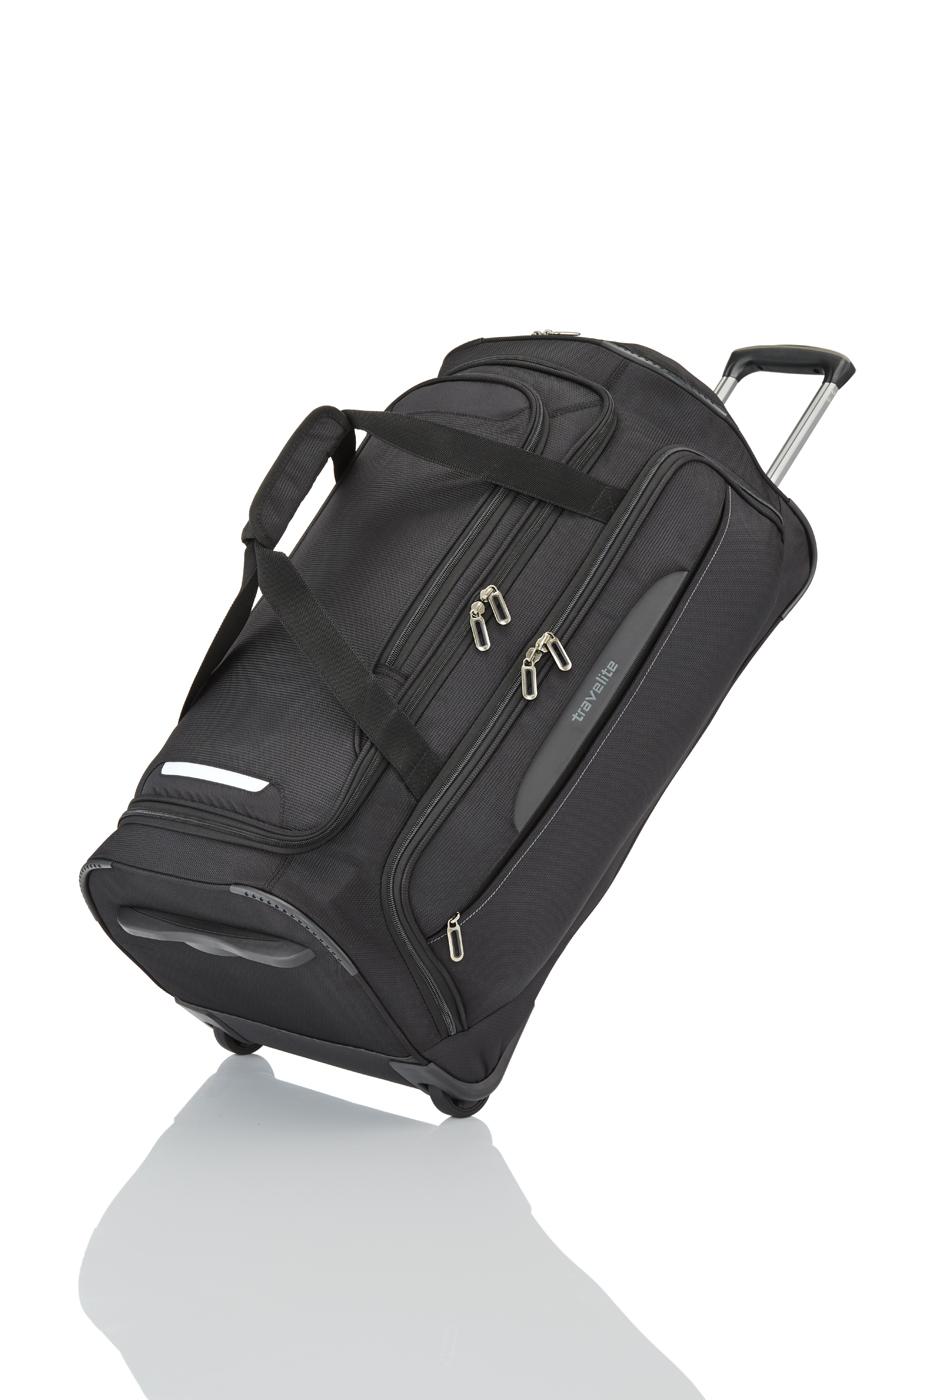 Travelite Crosslite 4.0 Rollen-Reisetasche M 2w schwarz 089502-01